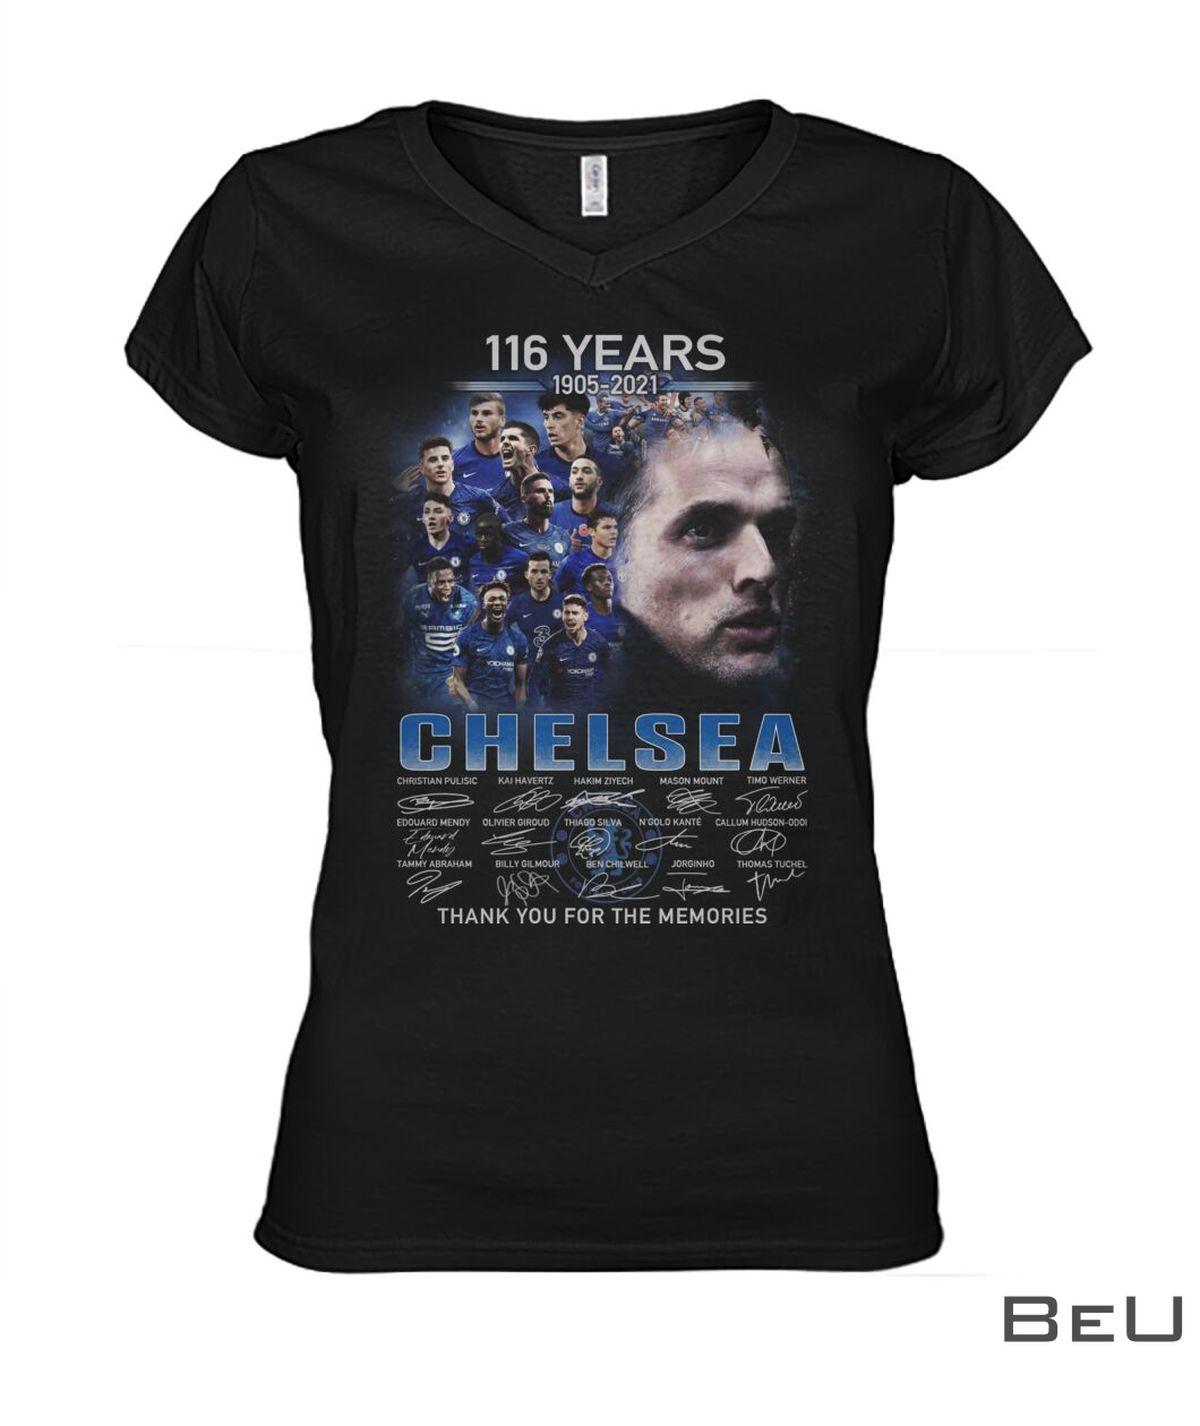 116 Years 1905-2021 Chelsea Shirtx